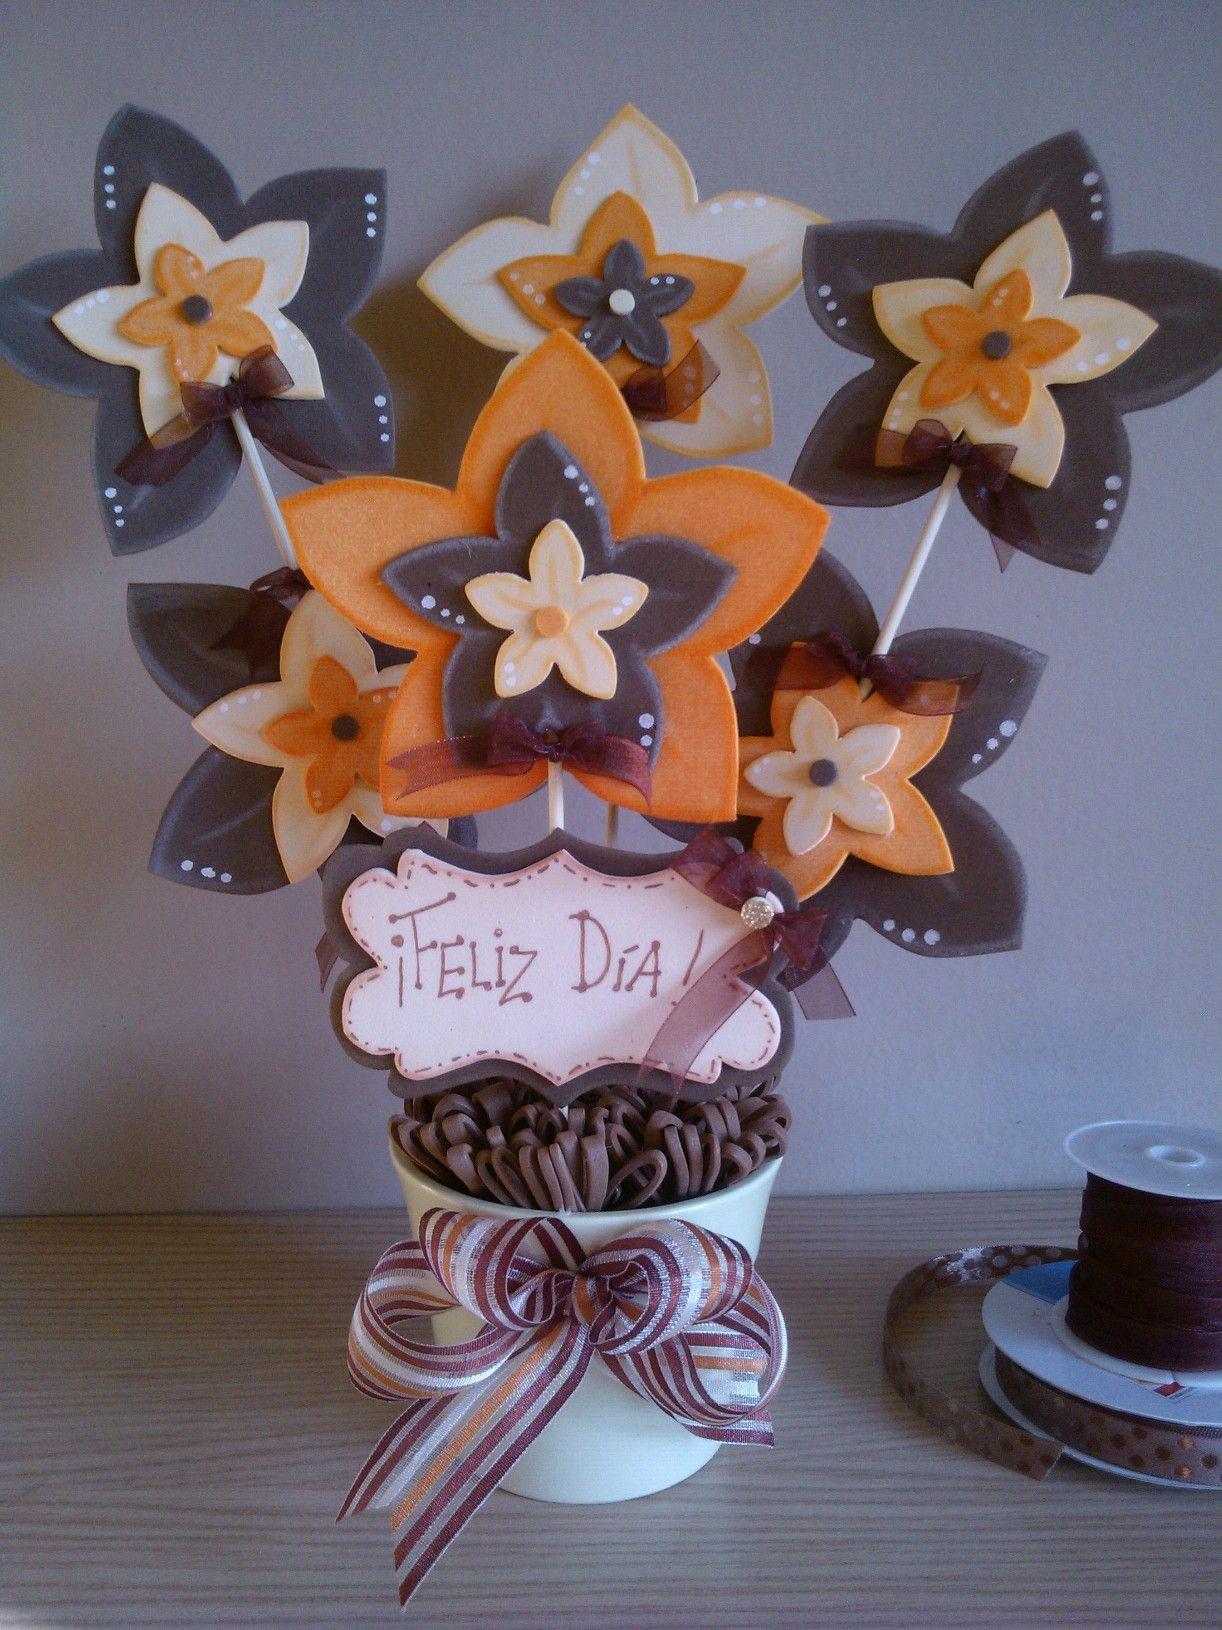 Maceta decorada flores goma eva | Lembrancinhas em eva, Lembrancinhas de  aniversario infantil, Festa brinquedos antigos